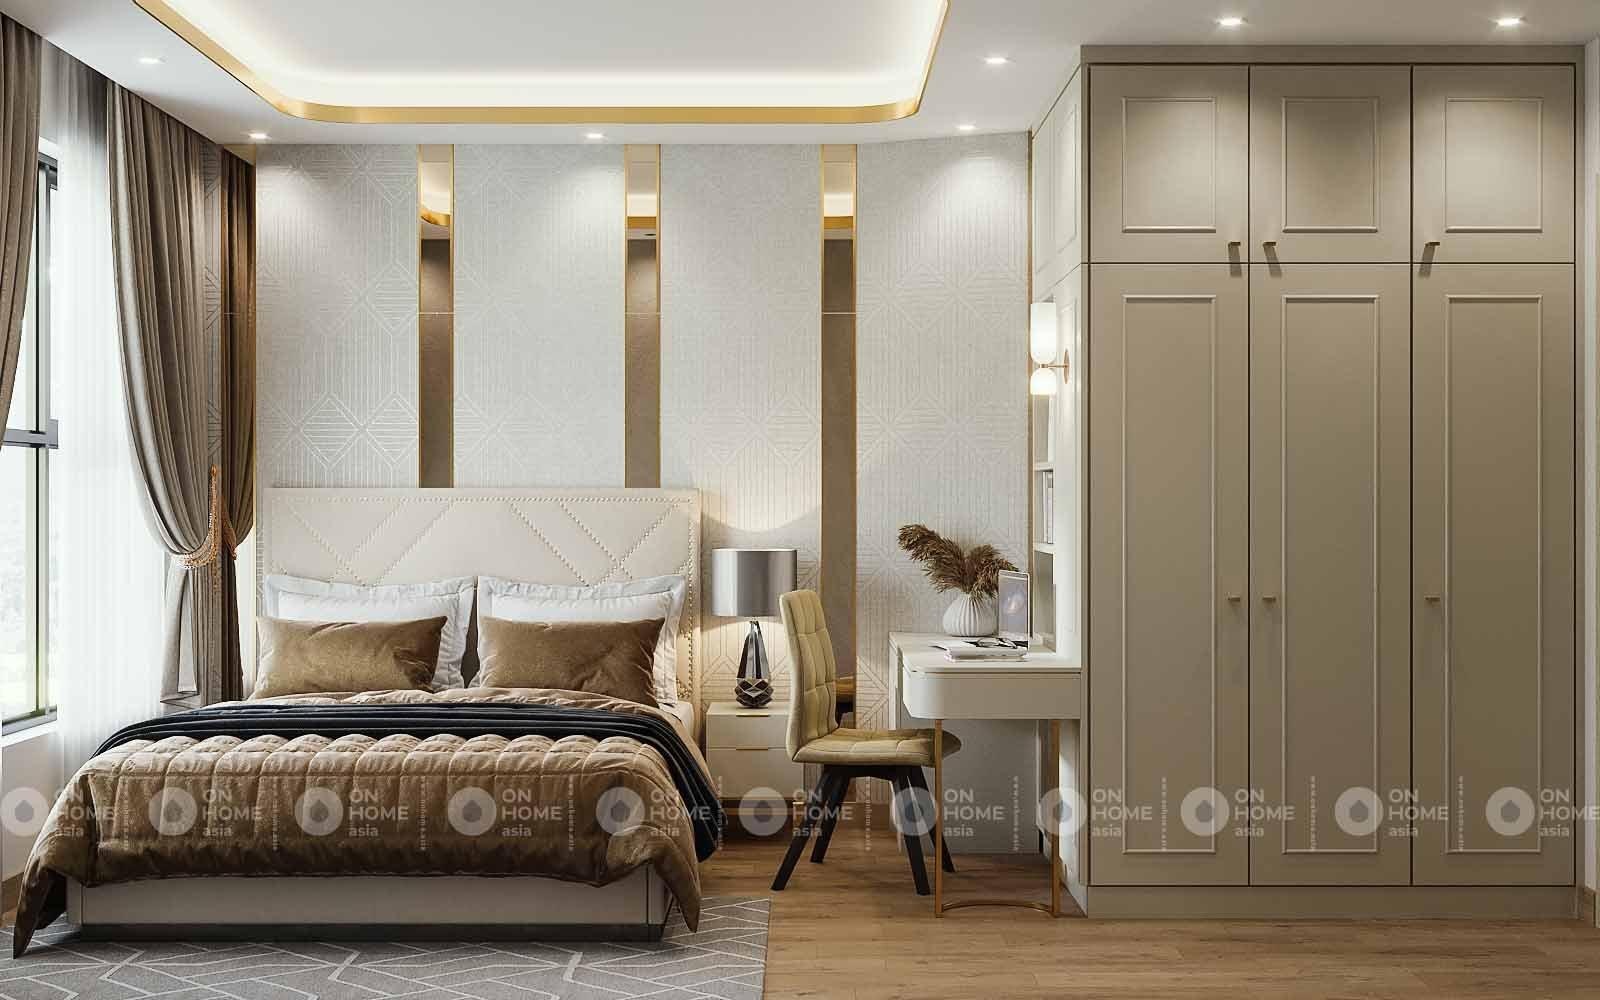 Thiết kế nội thất phòng ngủ Compass One phong cách luxury